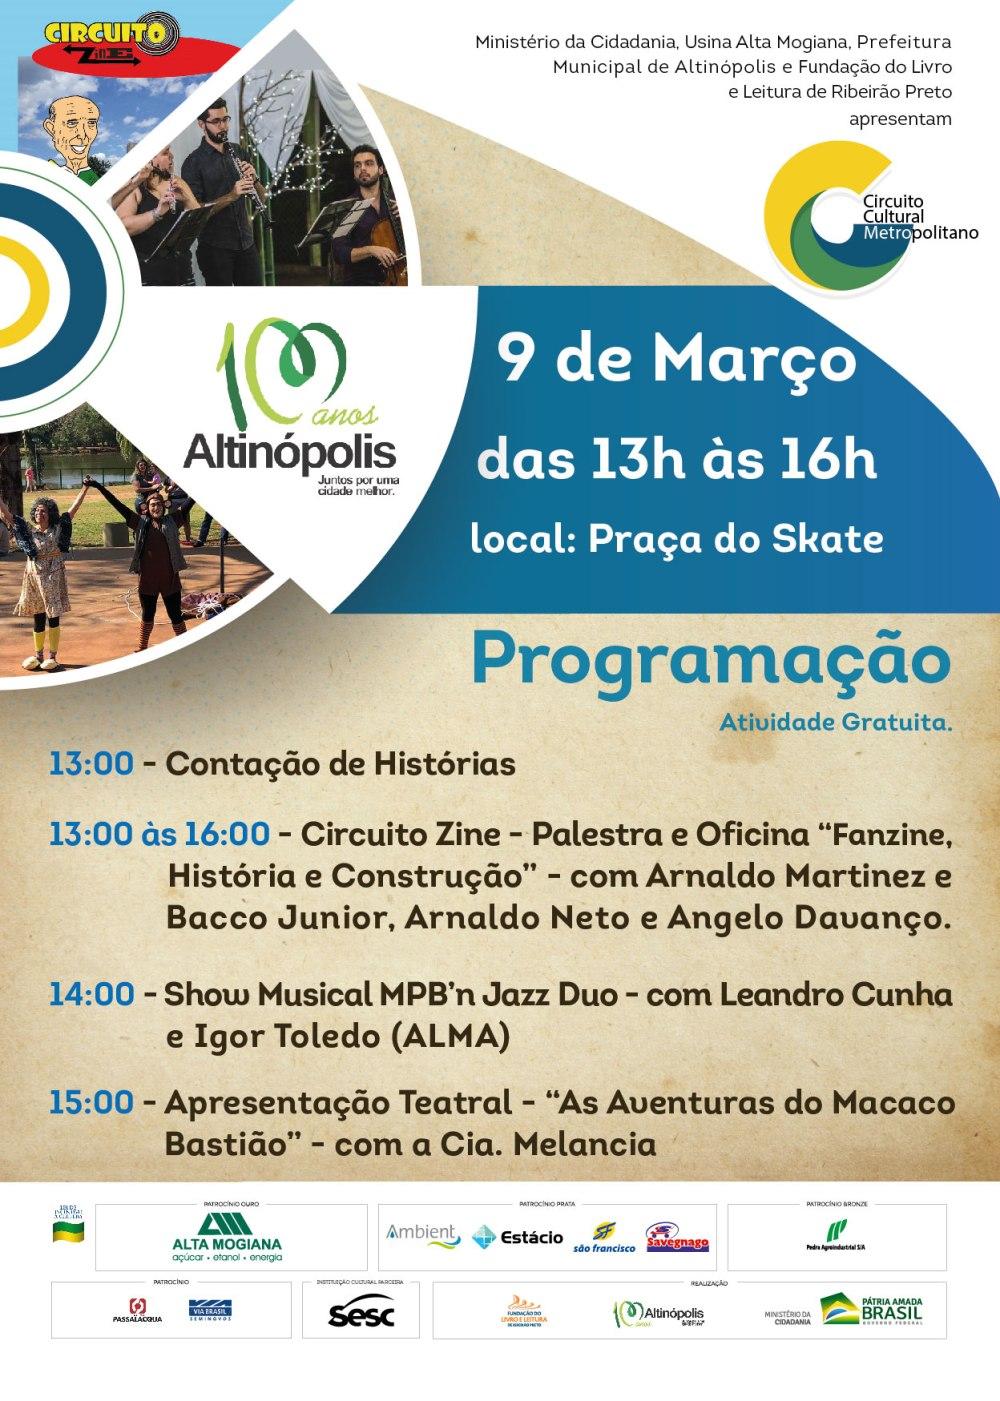 Circuito - Altinopolis-01.jpg